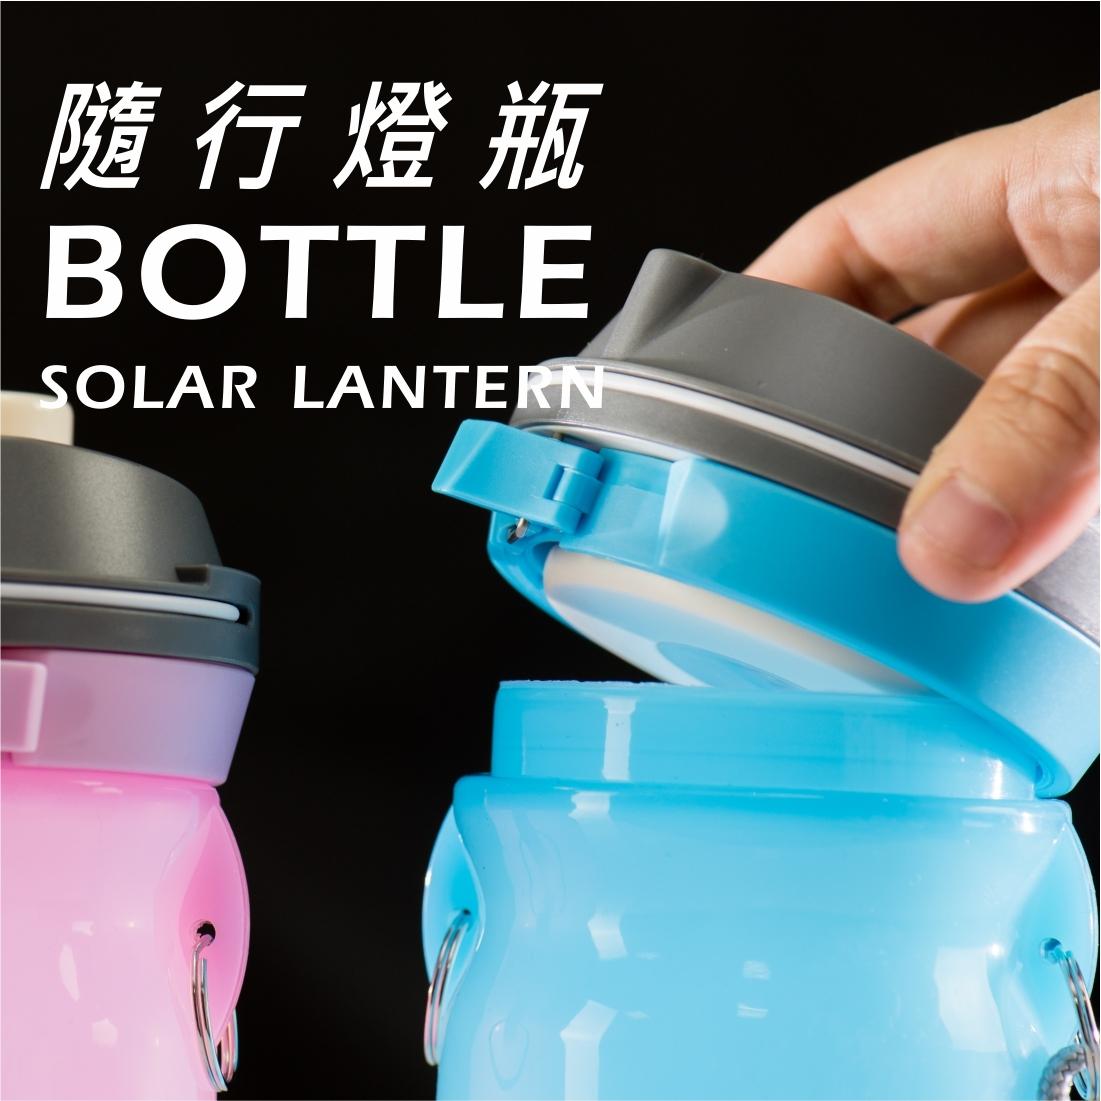 愛樂美LED隨行燈瓶矽膠軟瓶款